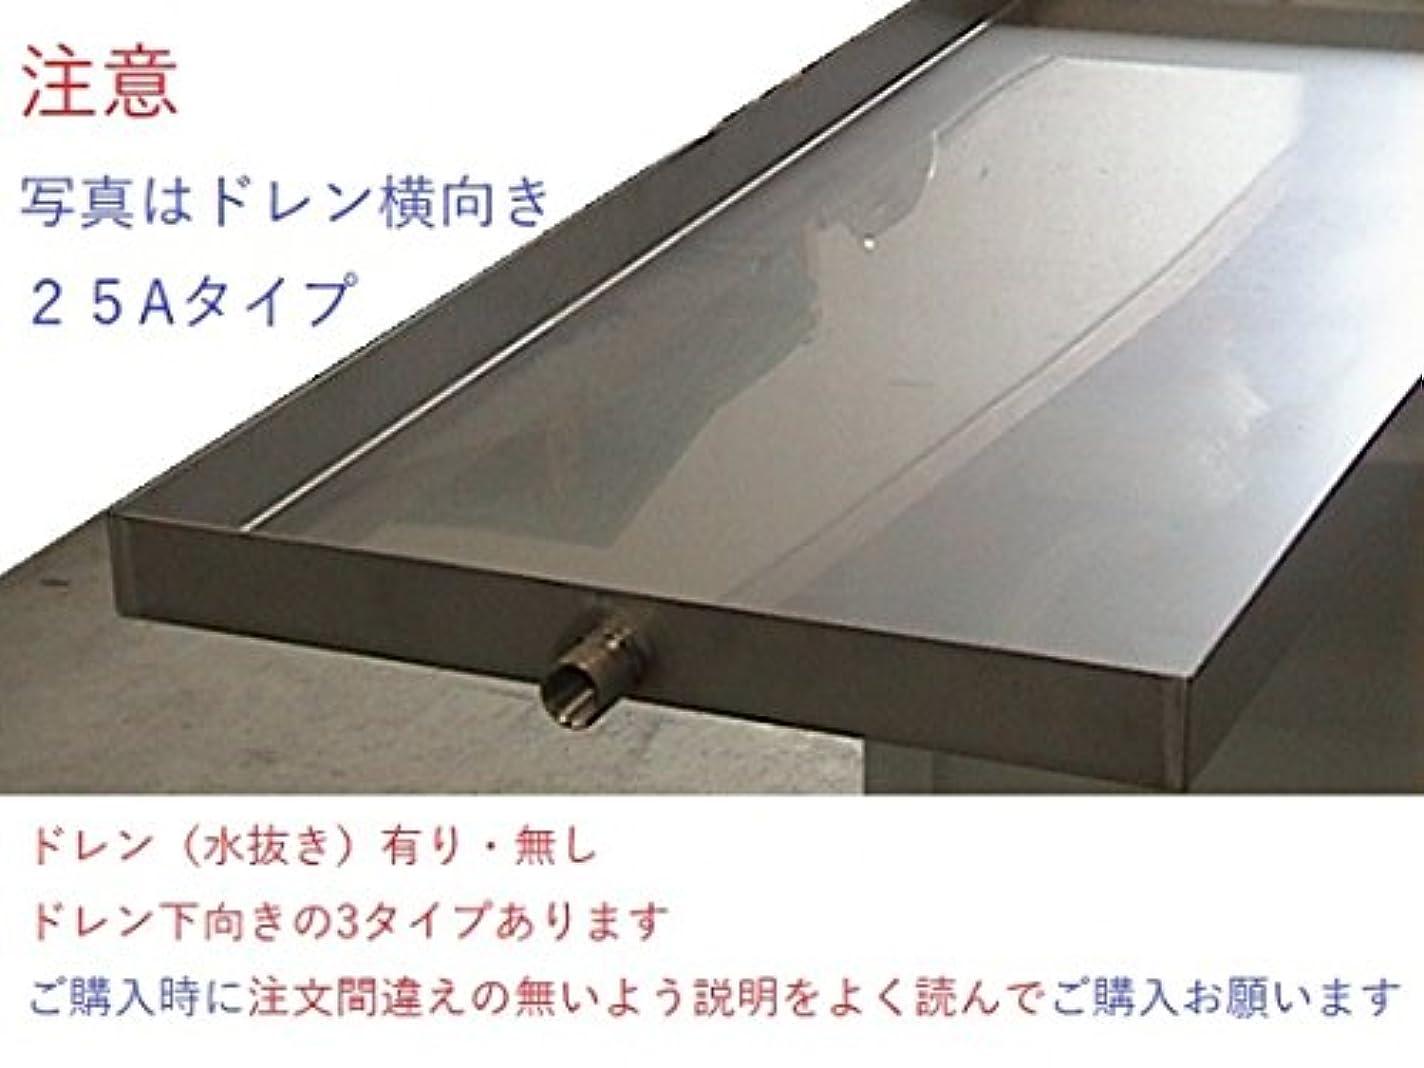 混沌サーカスプロフェッショナルドレンパン 1900×250×50H SUS304 1.0t 2B 水抜きコック端